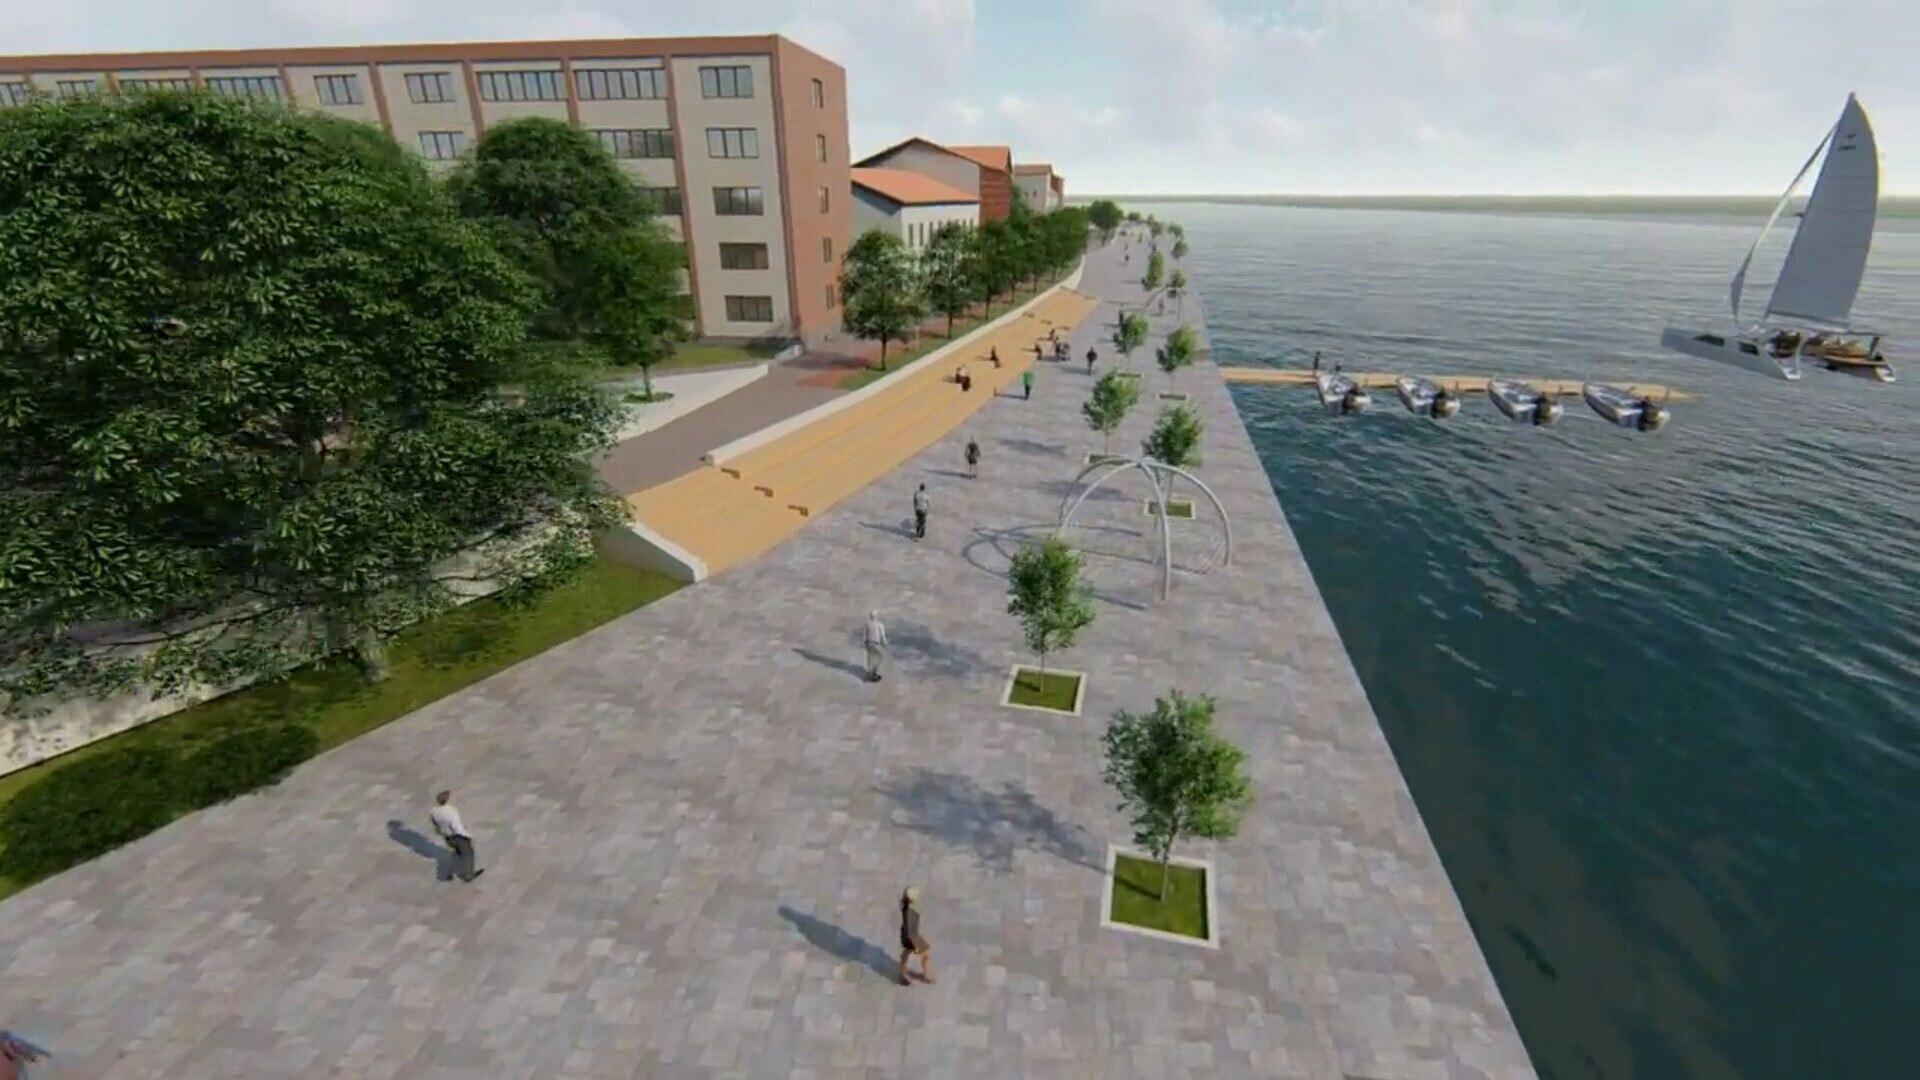 Советск получит  деньги на реконструкцию набережной: федералы поддержали проект на 143 млн. руб